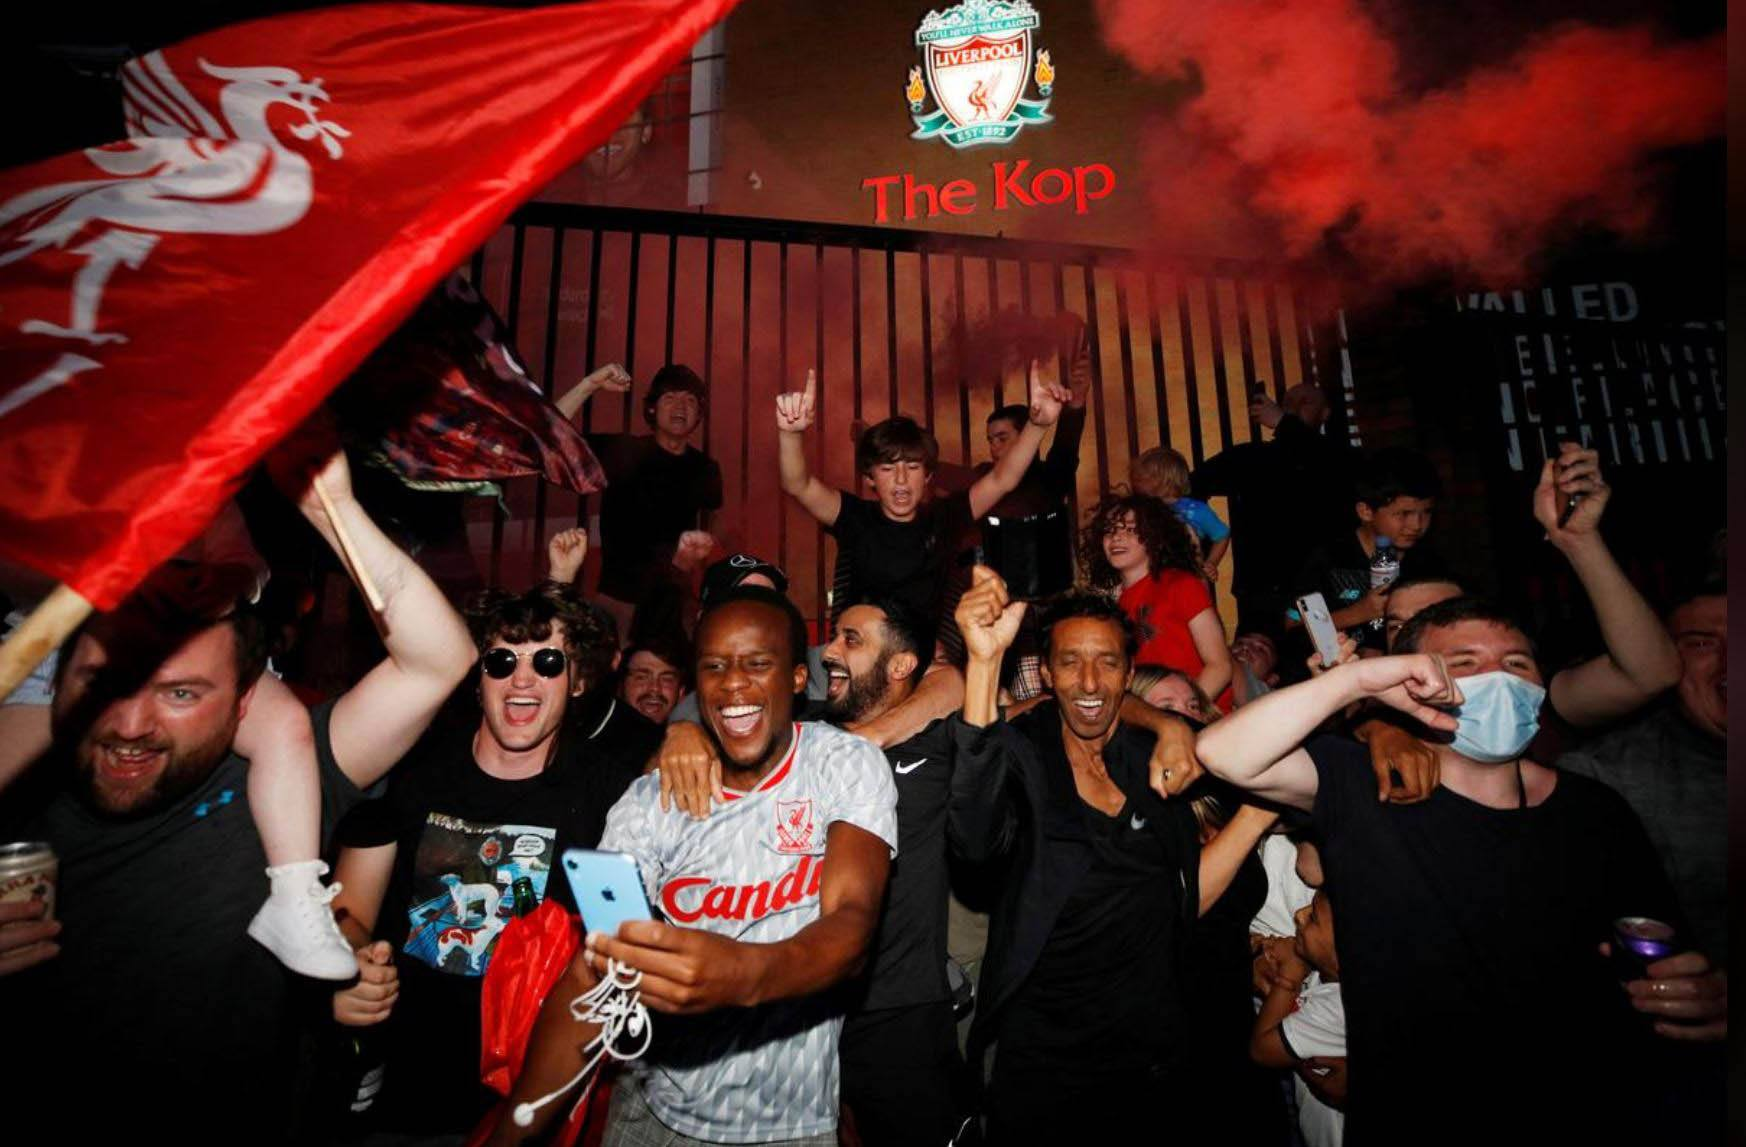 Liverpool Premier League title